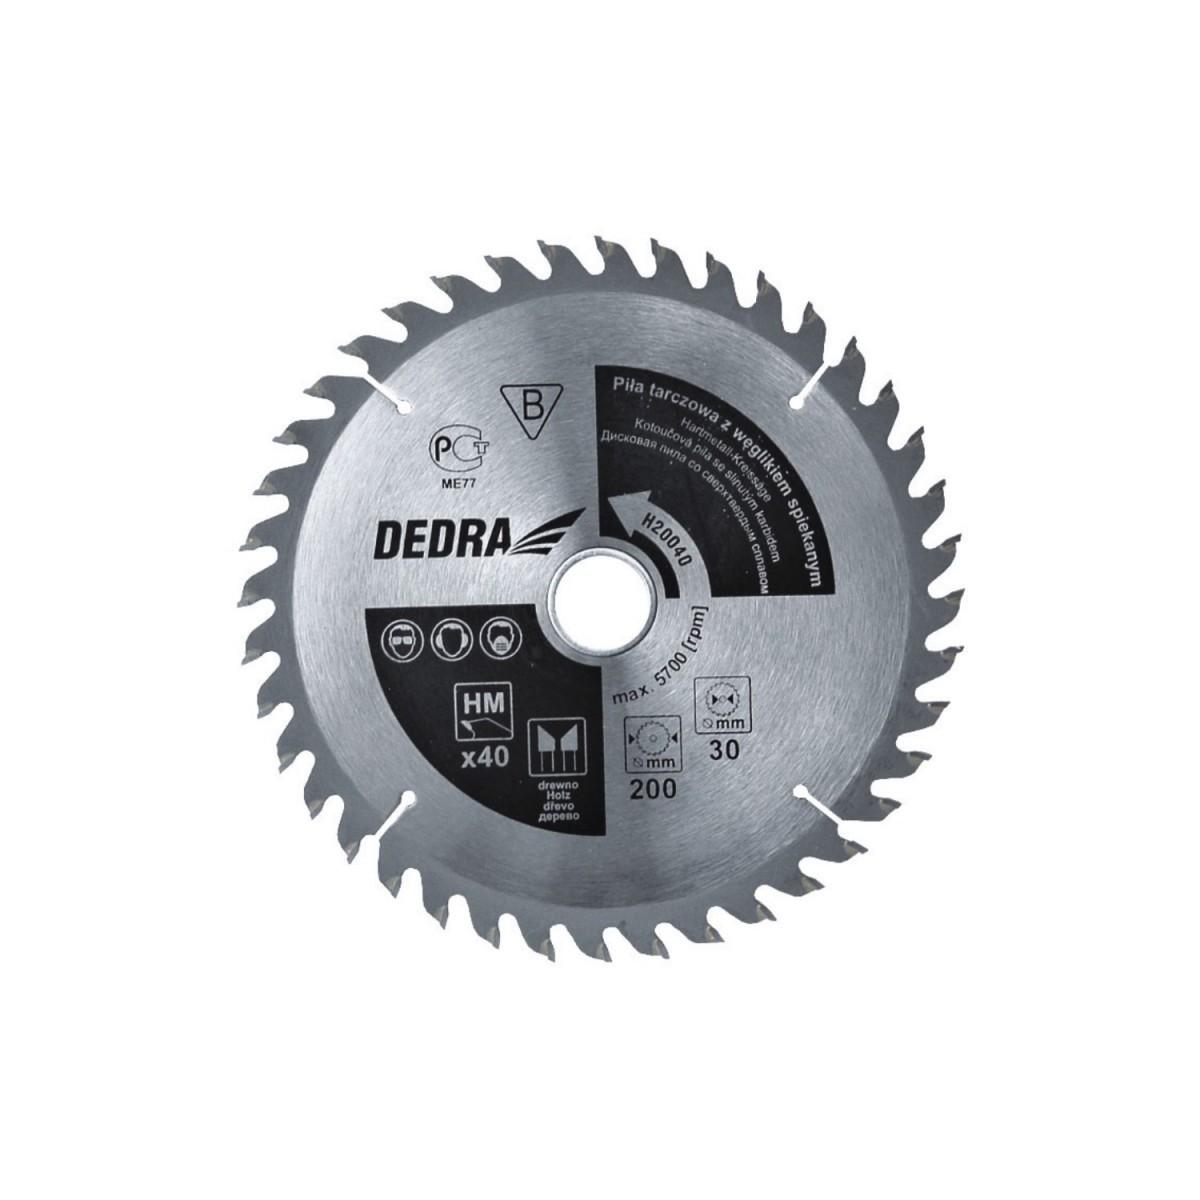 Piła 24T, 150 x 20 mm DEDRA - H15024 Piła 24T, 150 x 20 mm DEDRA - H15024